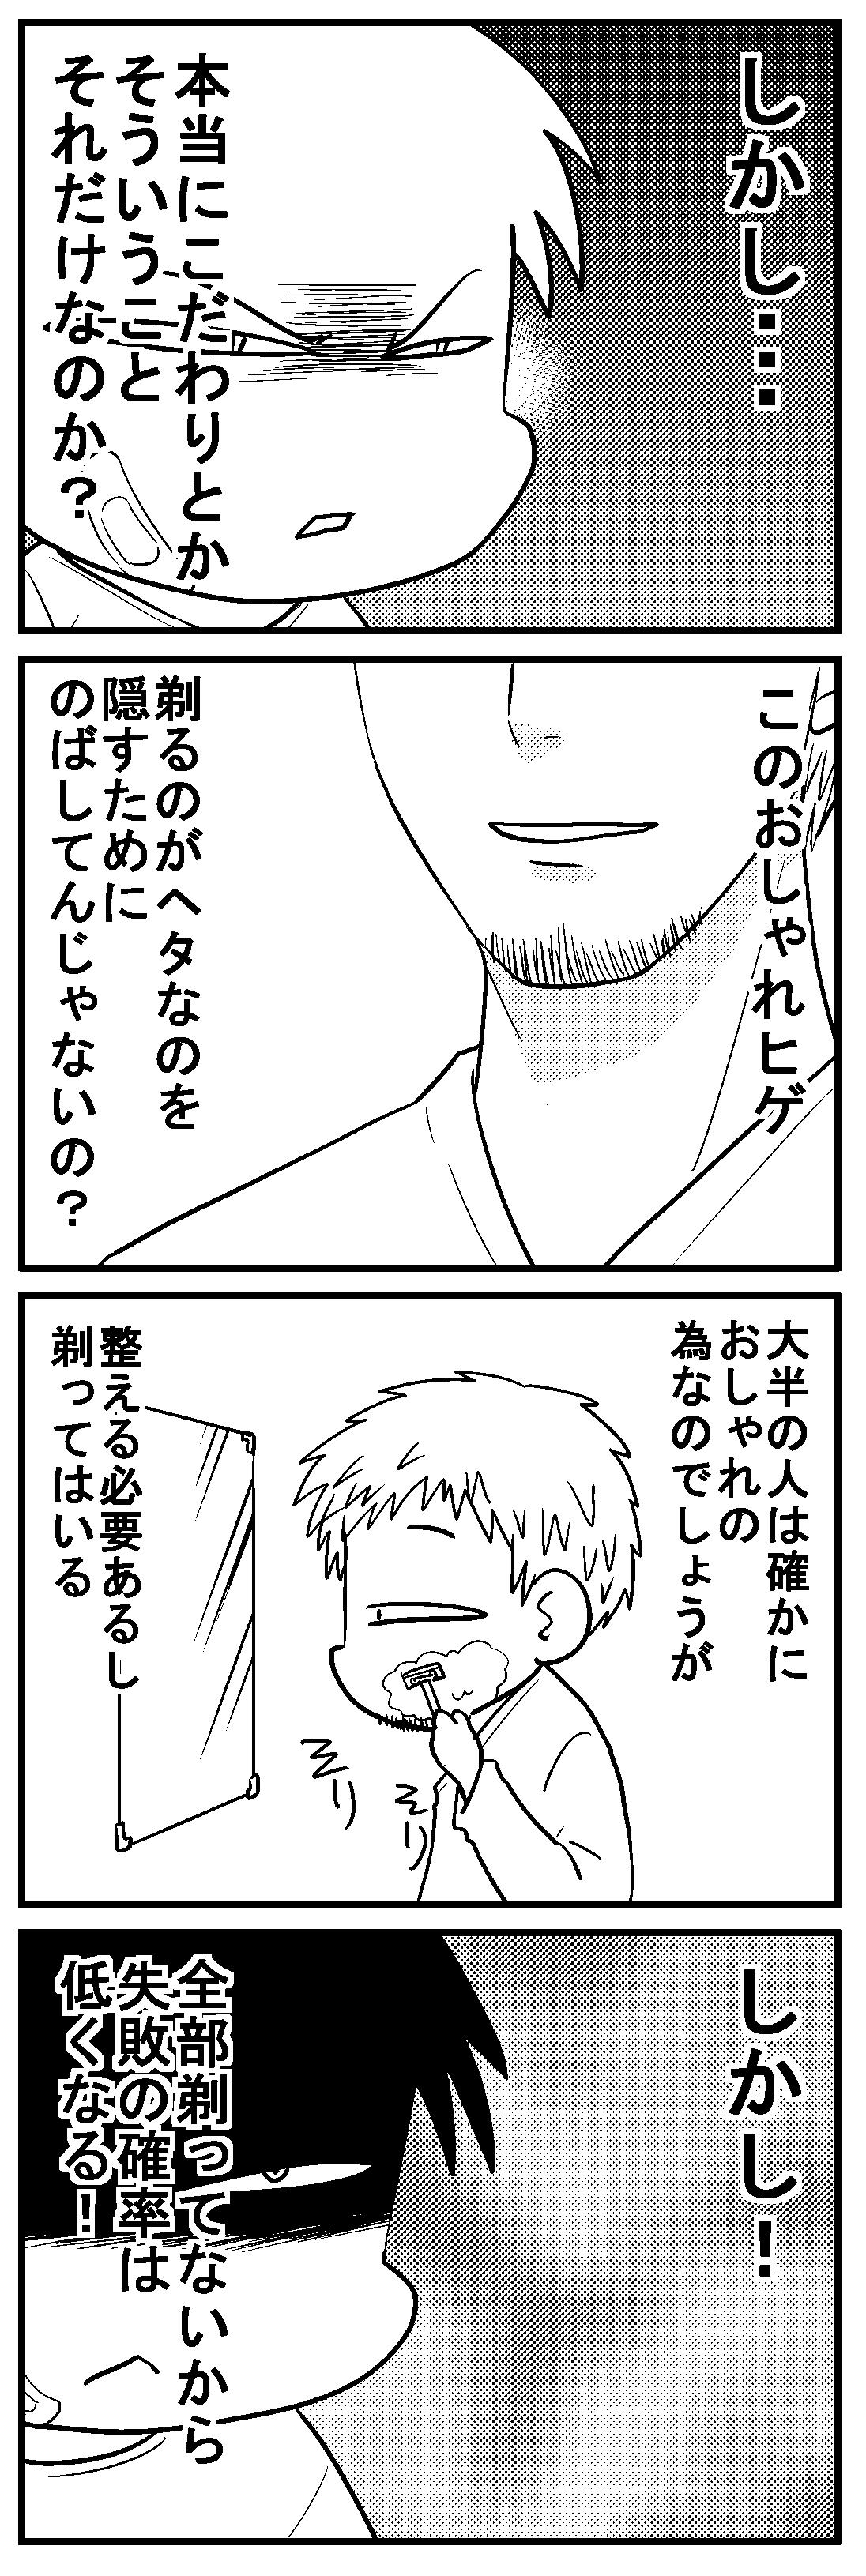 深読みくん27 3